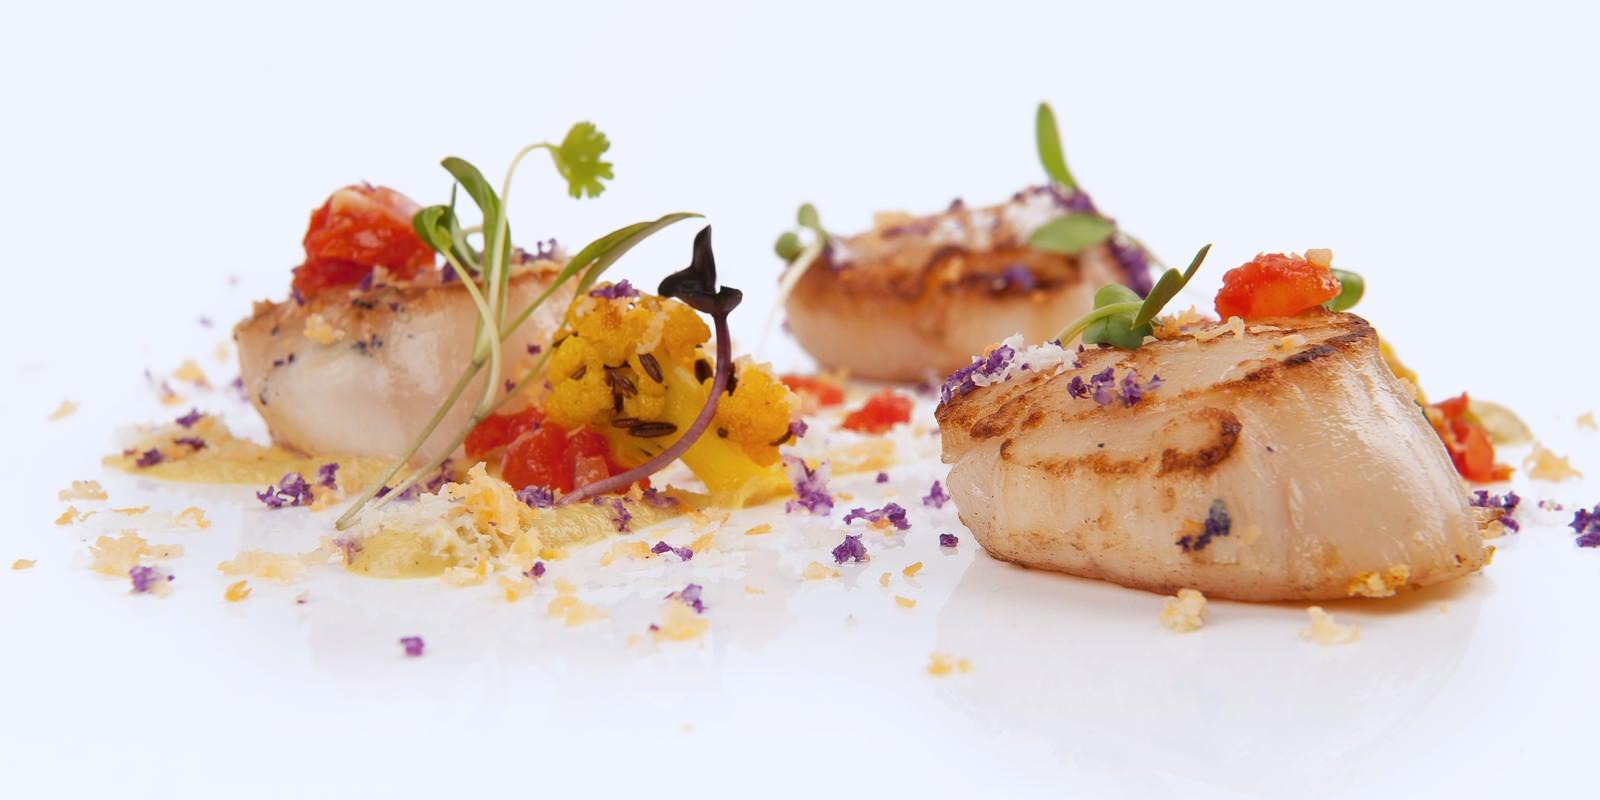 Plato del restaurante Benares en Madrid